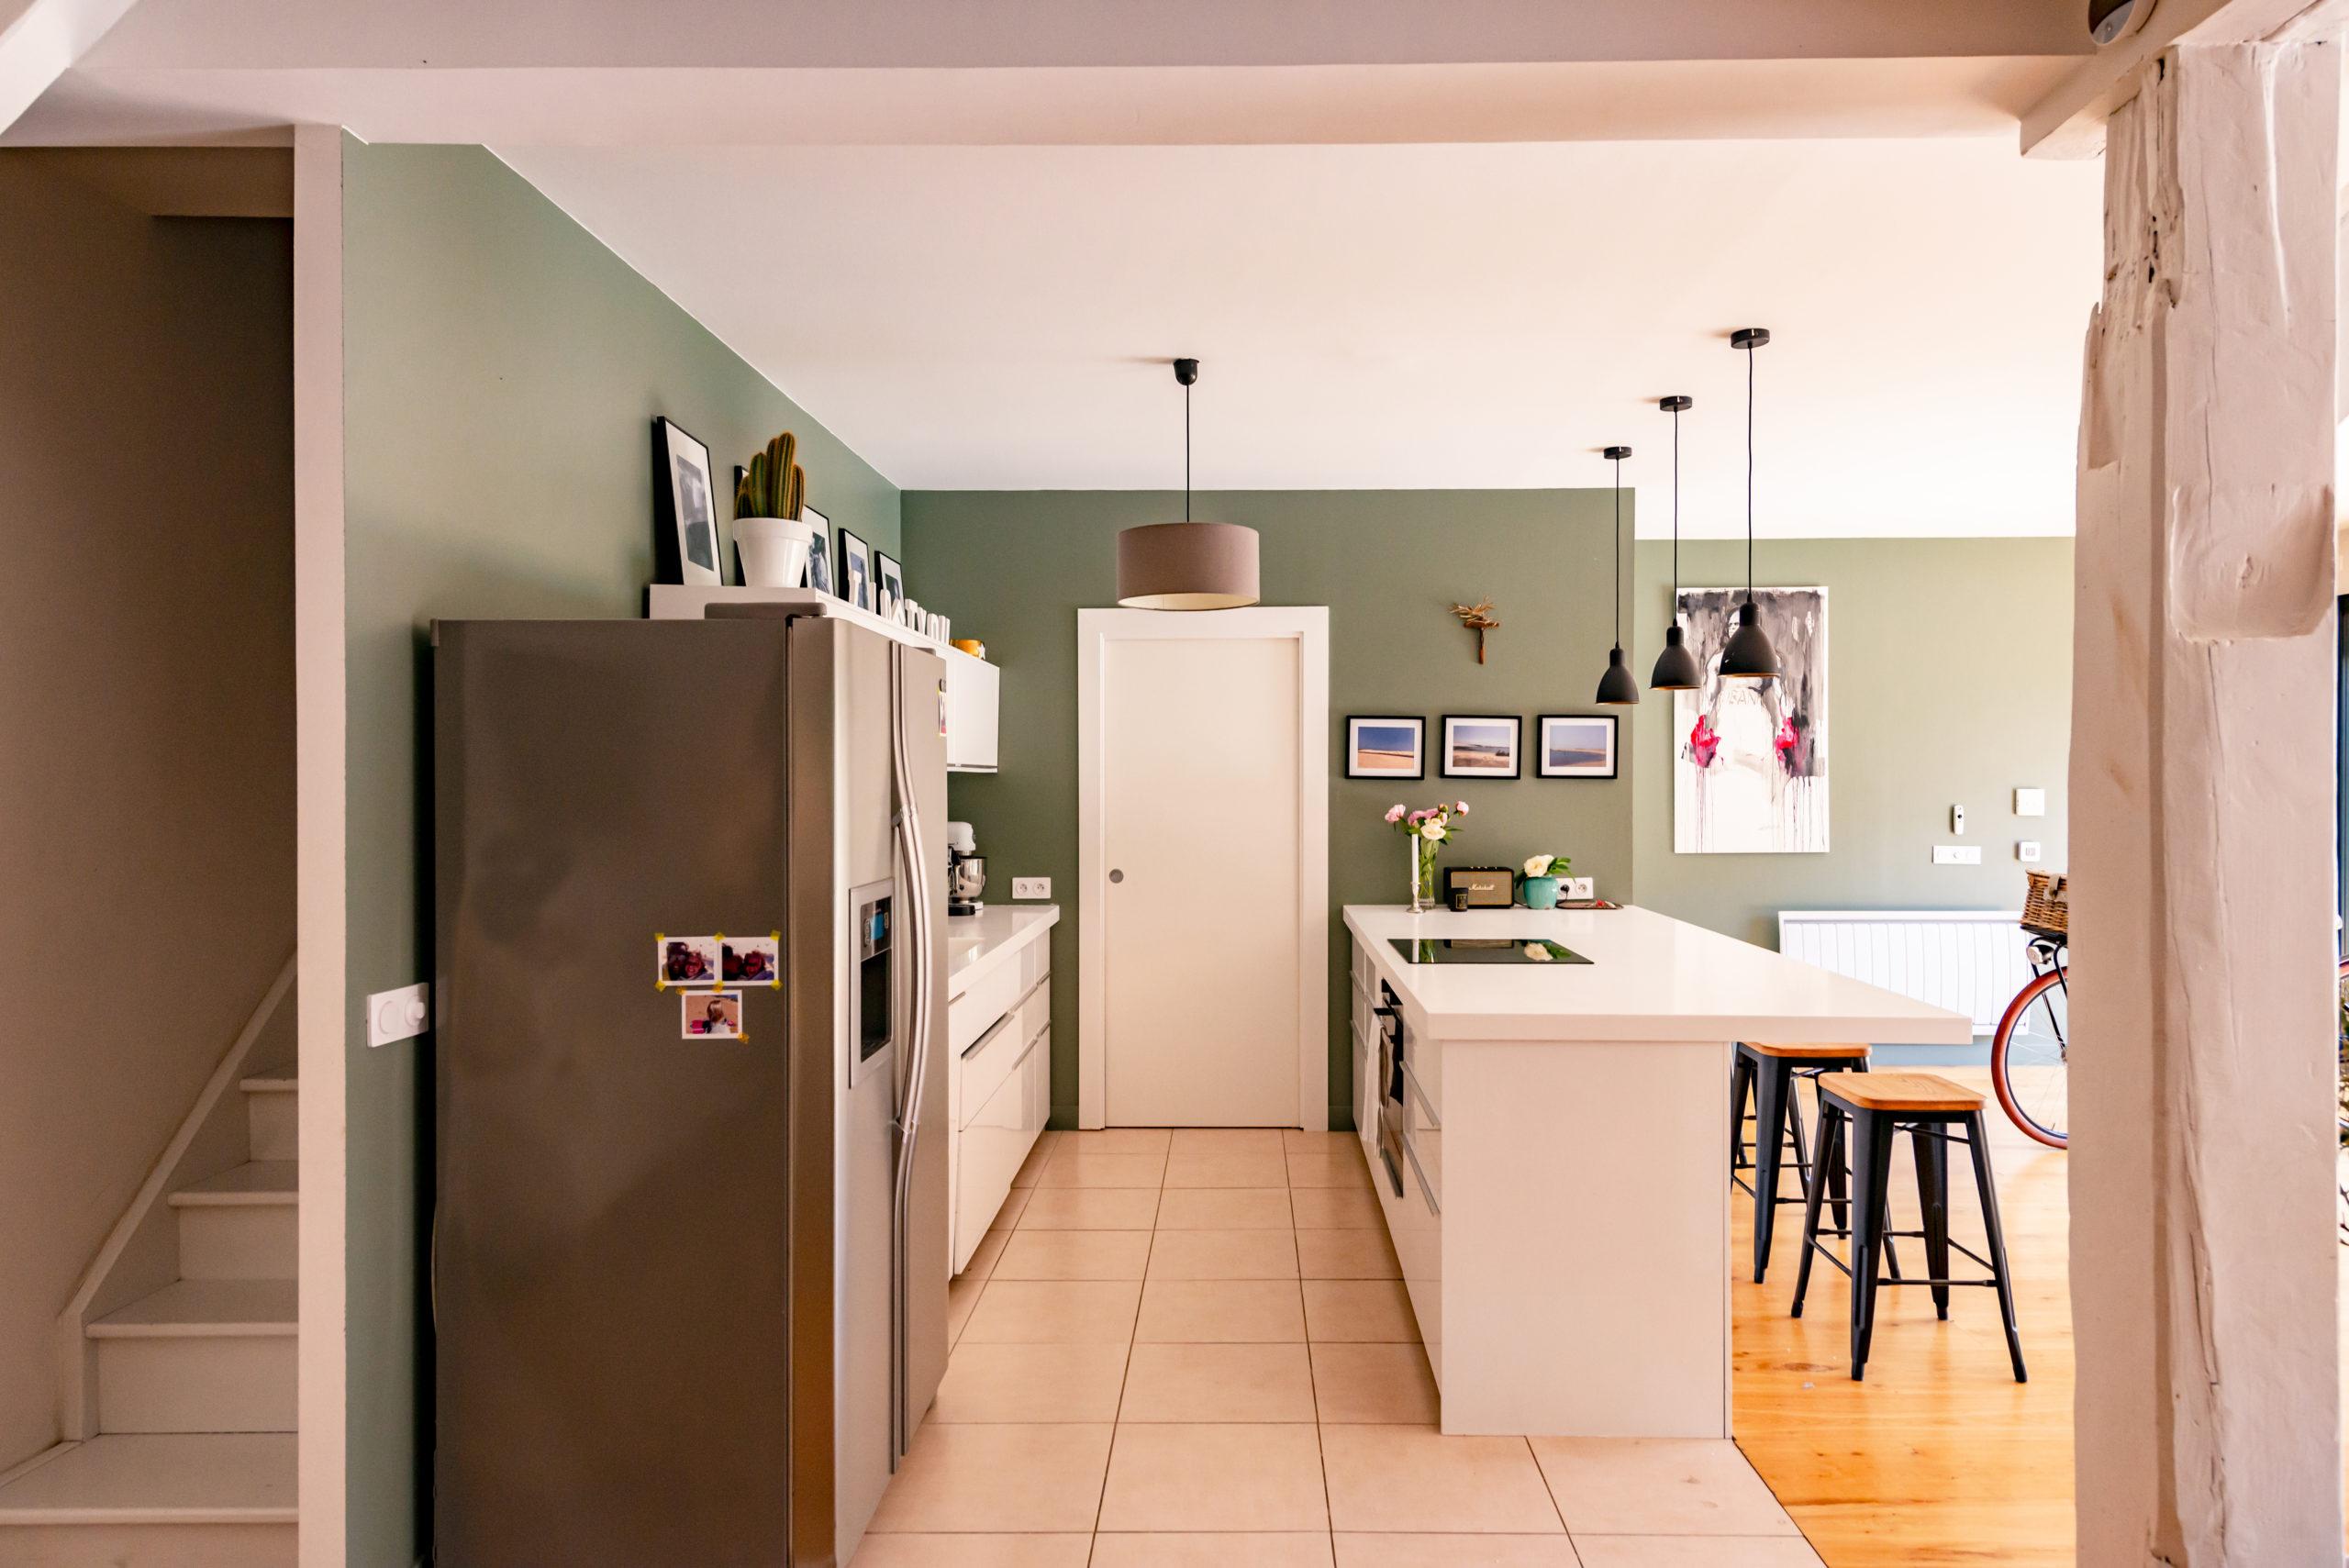 09-mise-en-peinture-de-la-cuisine